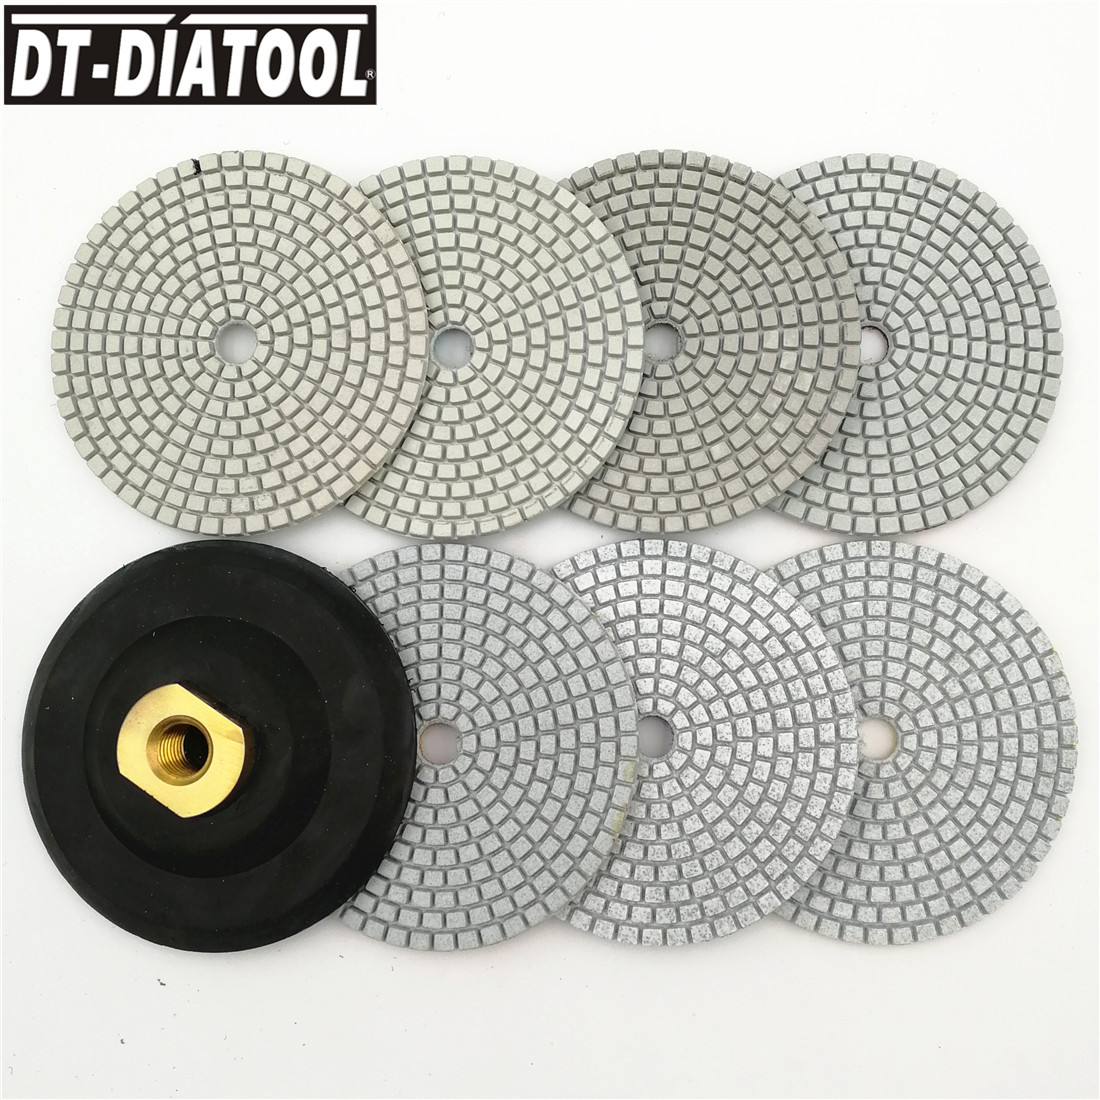 7 DT-DIATOOL pçs/set Molhado ou Seco Almofadas de Polimento de Diamante Ligação de Resina 100 milímetros Discos de Lixa Piso Terrazzo M14 4 polegada polidor de Granito